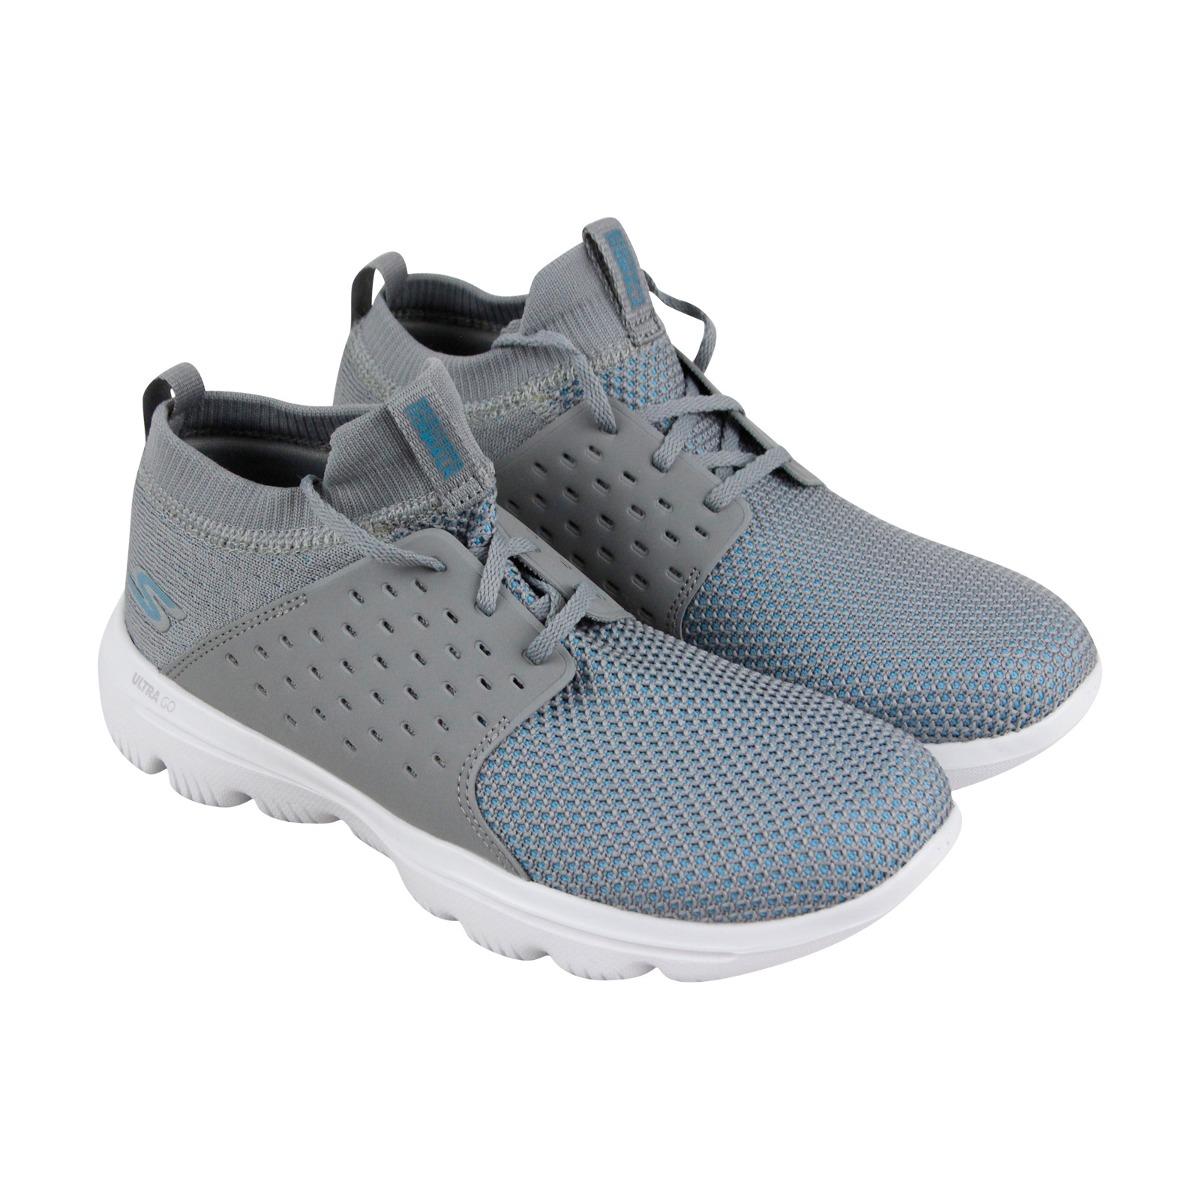 dd57482941028 Zapatos Gowalk Evolución Ultra Turbo Skechers -   742.44 en Mercado ...